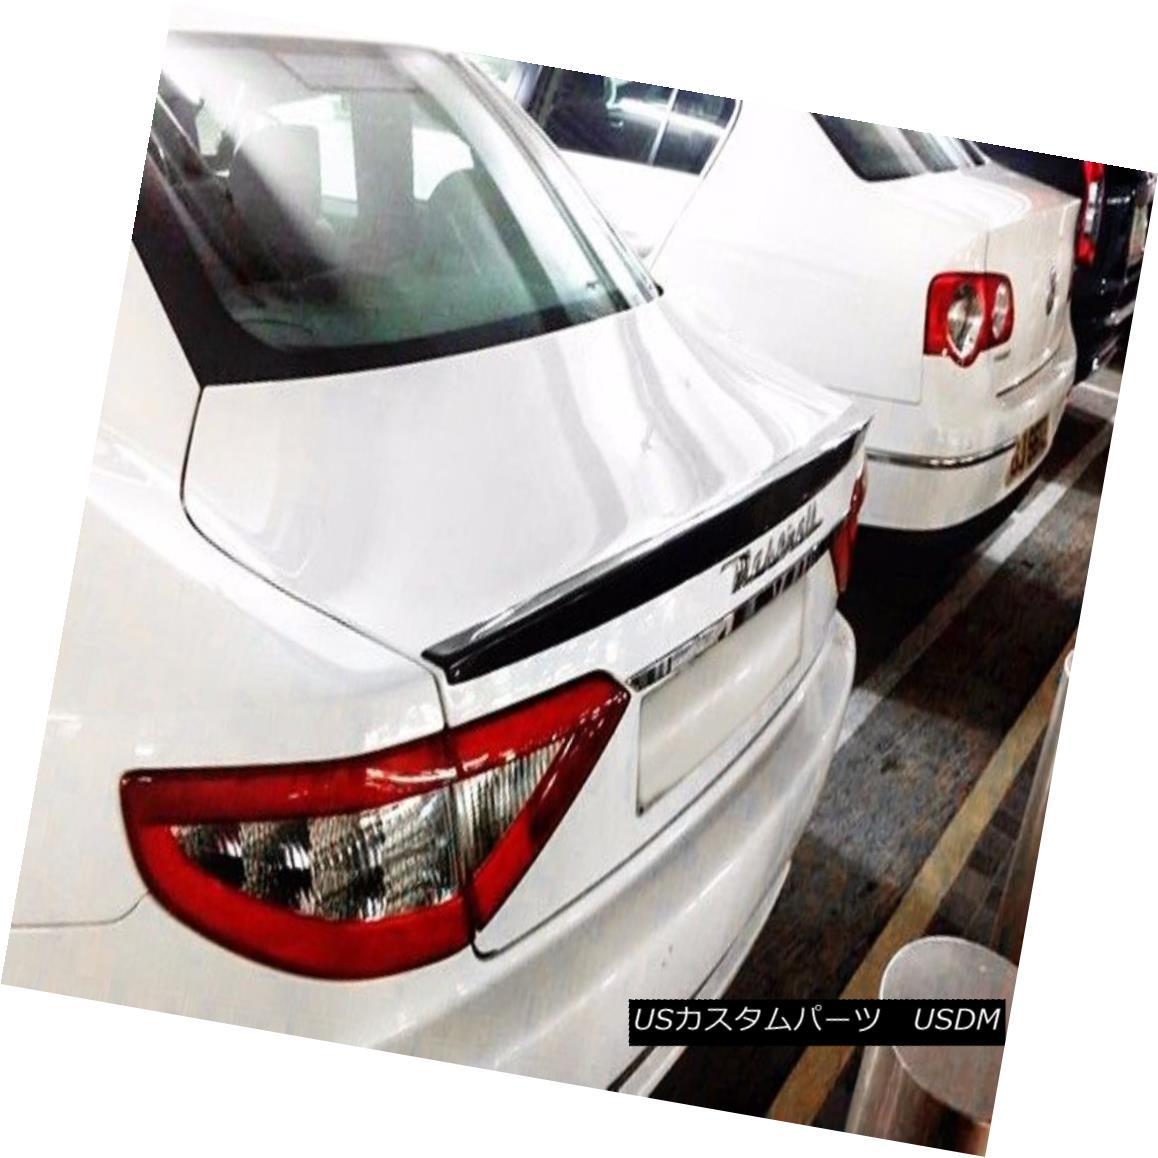 エアロパーツ AER Carbon Fiber Rear Trunk Boot Spoiler For Maserati Gran Turismo MC Sport Line マセラティGranturismo MCスポーツラインのためのAERカーボンファイバーリアトランクブートスポイラー